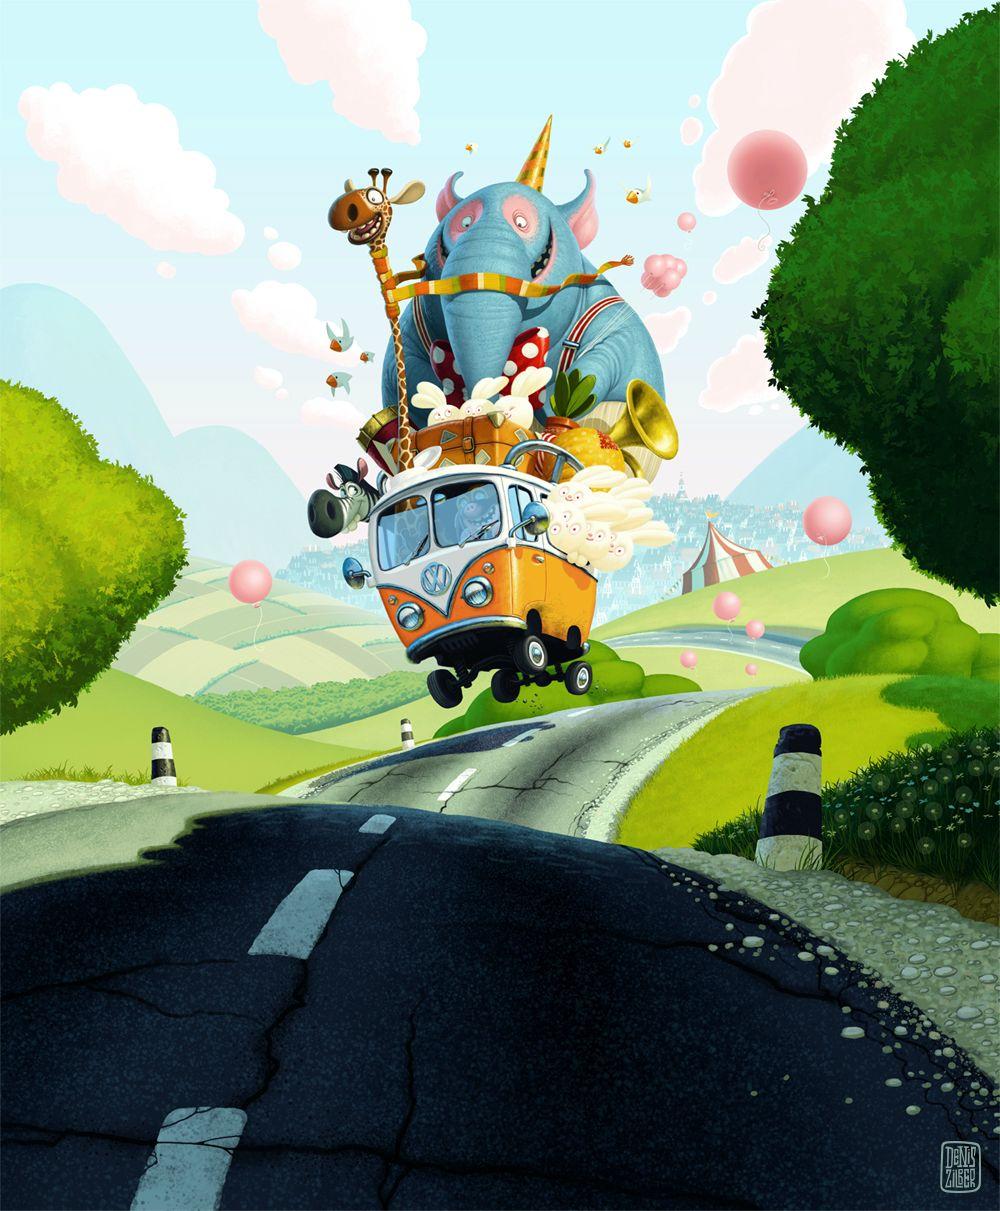 001_denis_zilber_pinkballoonshunt